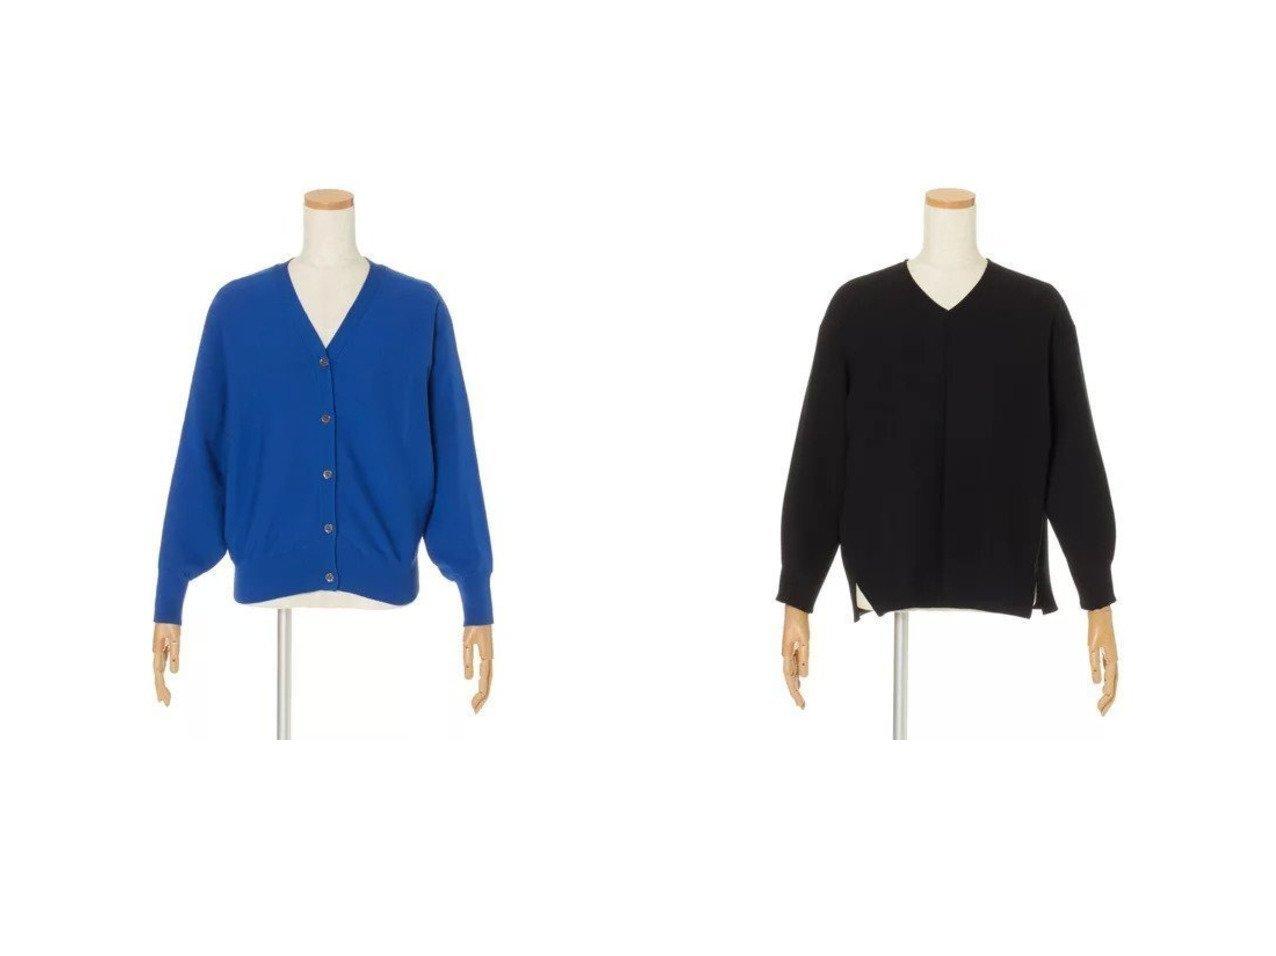 【12closet/トゥエルブクローゼット】の【洗える】綿シルクドルマンスリーブカーディガン&【洗える】Vネックブラウス 12closetのおすすめ!人気、トレンド・レディースファッションの通販  おすすめで人気の流行・トレンド、ファッションの通販商品 メンズファッション・キッズファッション・インテリア・家具・レディースファッション・服の通販 founy(ファニー) https://founy.com/ ファッション Fashion レディースファッション WOMEN トップス Tops Tshirt カーディガン Cardigans Vネック V-Neck シャツ/ブラウス Shirts Blouses カーディガン シルク スポーティ 洗える クール ショルダー ドレープ ドロップ 長袖 |ID:crp329100000018535